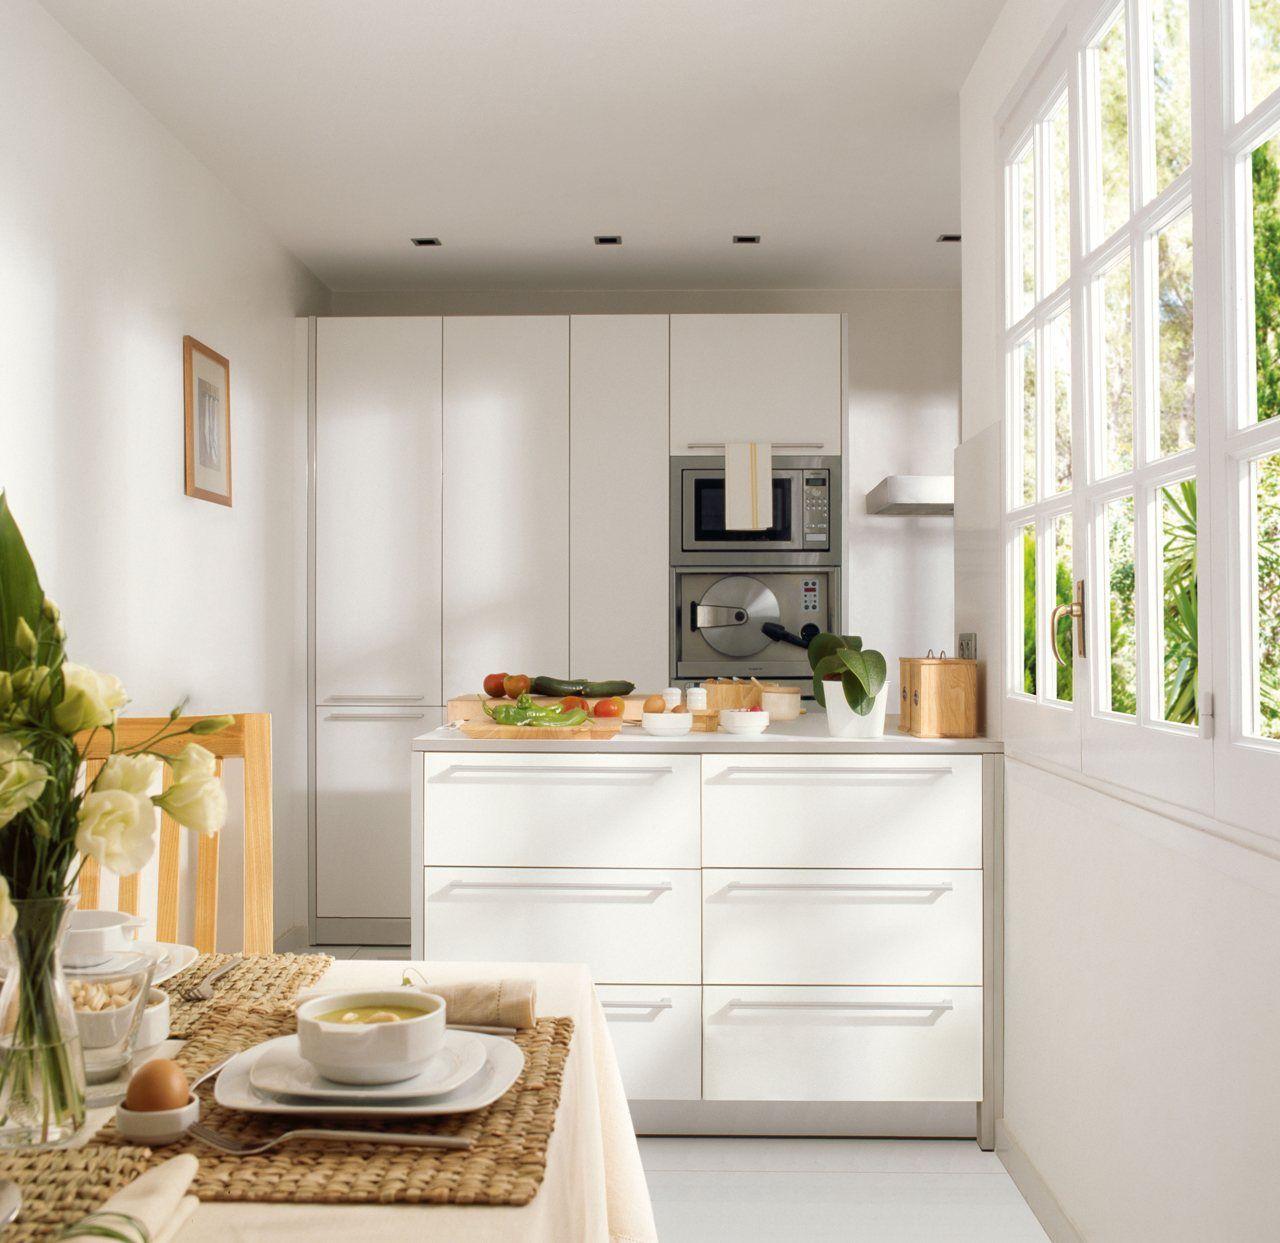 Cocinas mini muy pr cticas peque os espacios for Cocinas bonitas y practicas